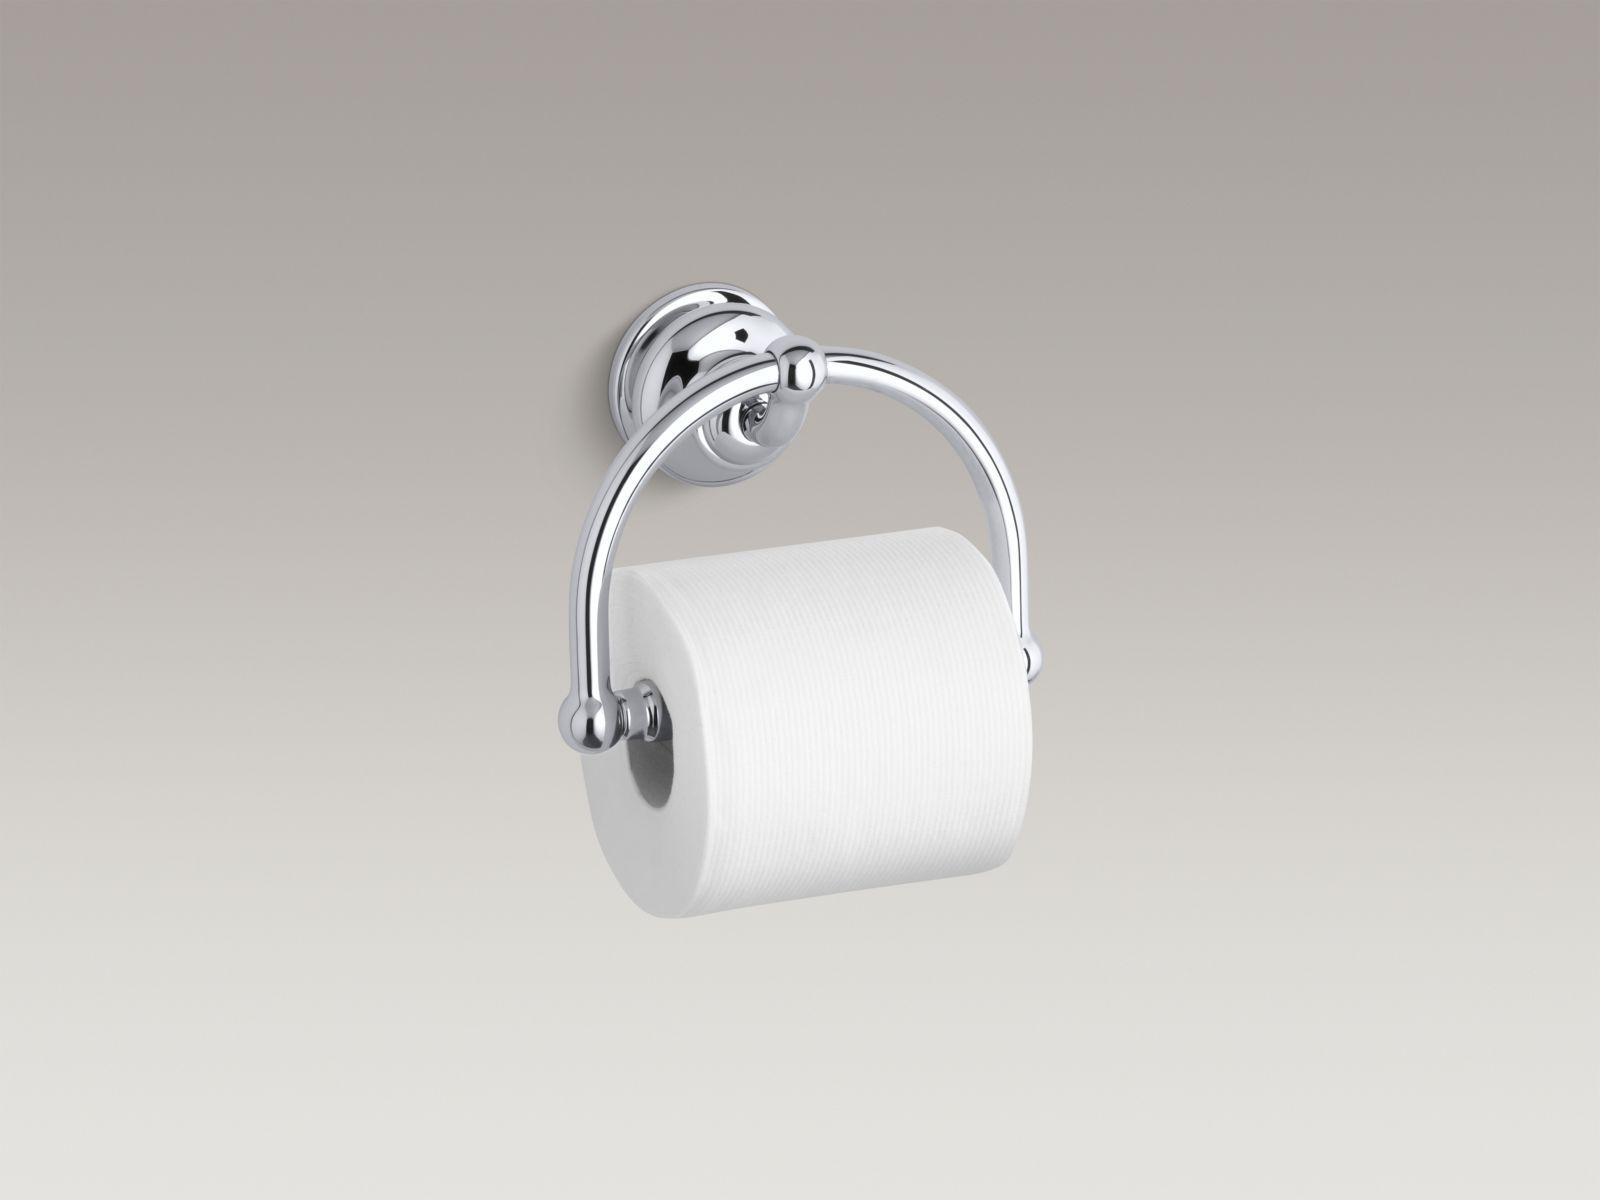 Kohler K-12157-CP Fairfax Toilet Paper Holder Polished Chrome